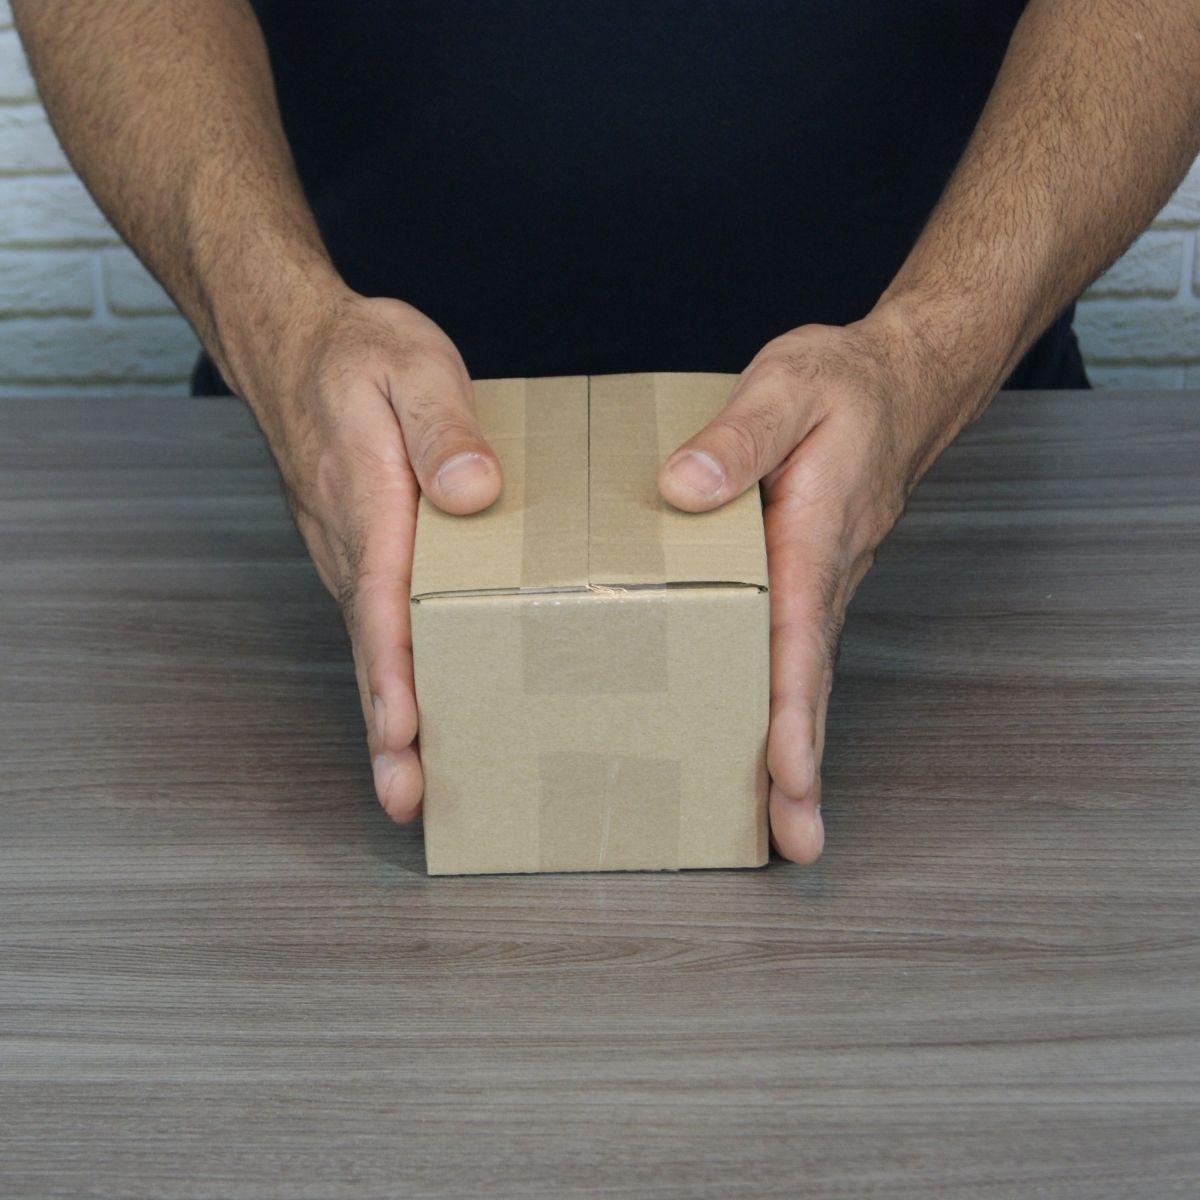 200 Caixas de Papelao (16X11X10)cm - Sedex / Pac / Correios